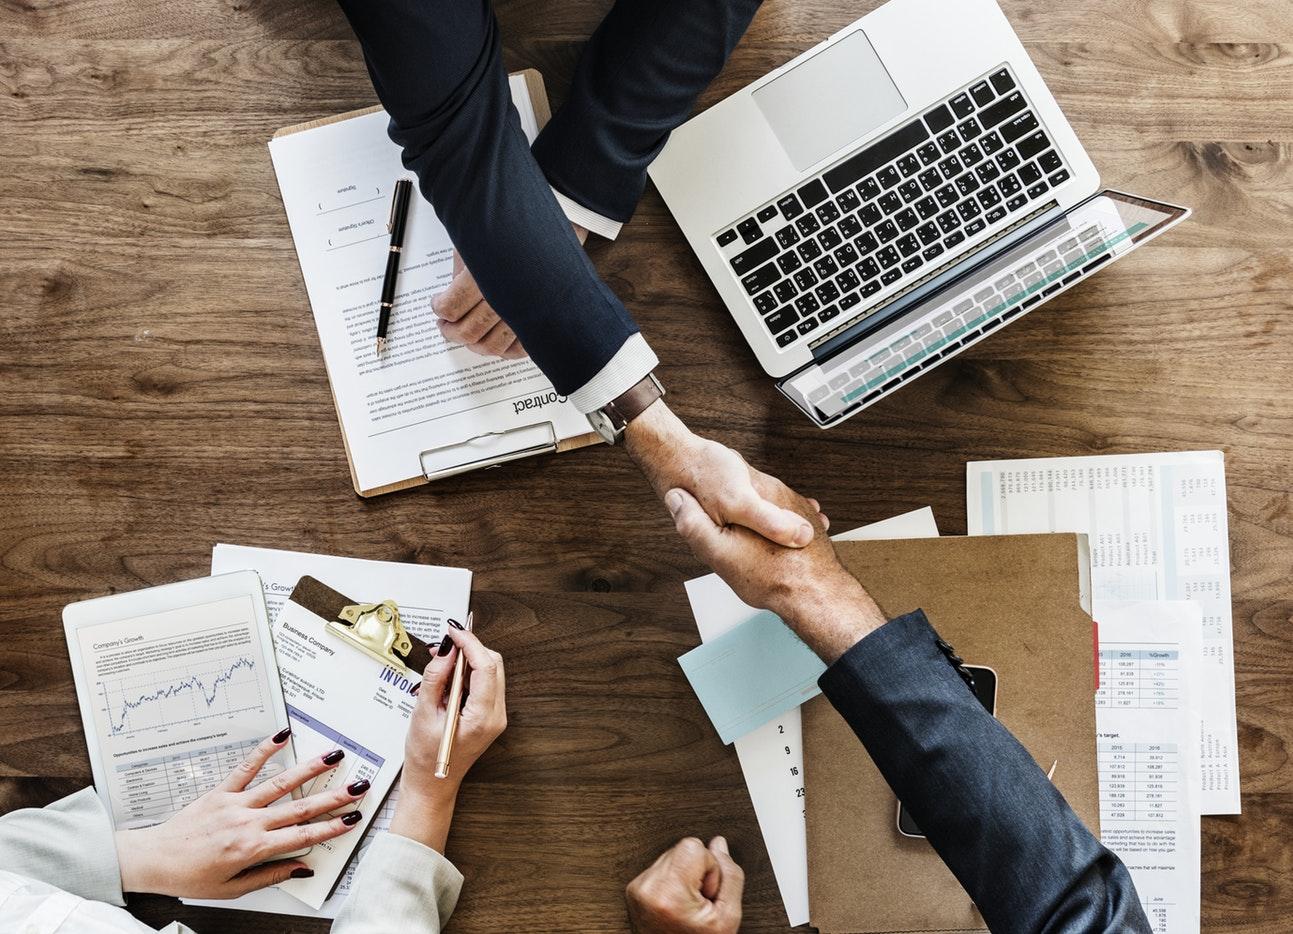 Ein Handschlag über einen Tisch mit Laptop und verschiedenen Papieren hinweg.